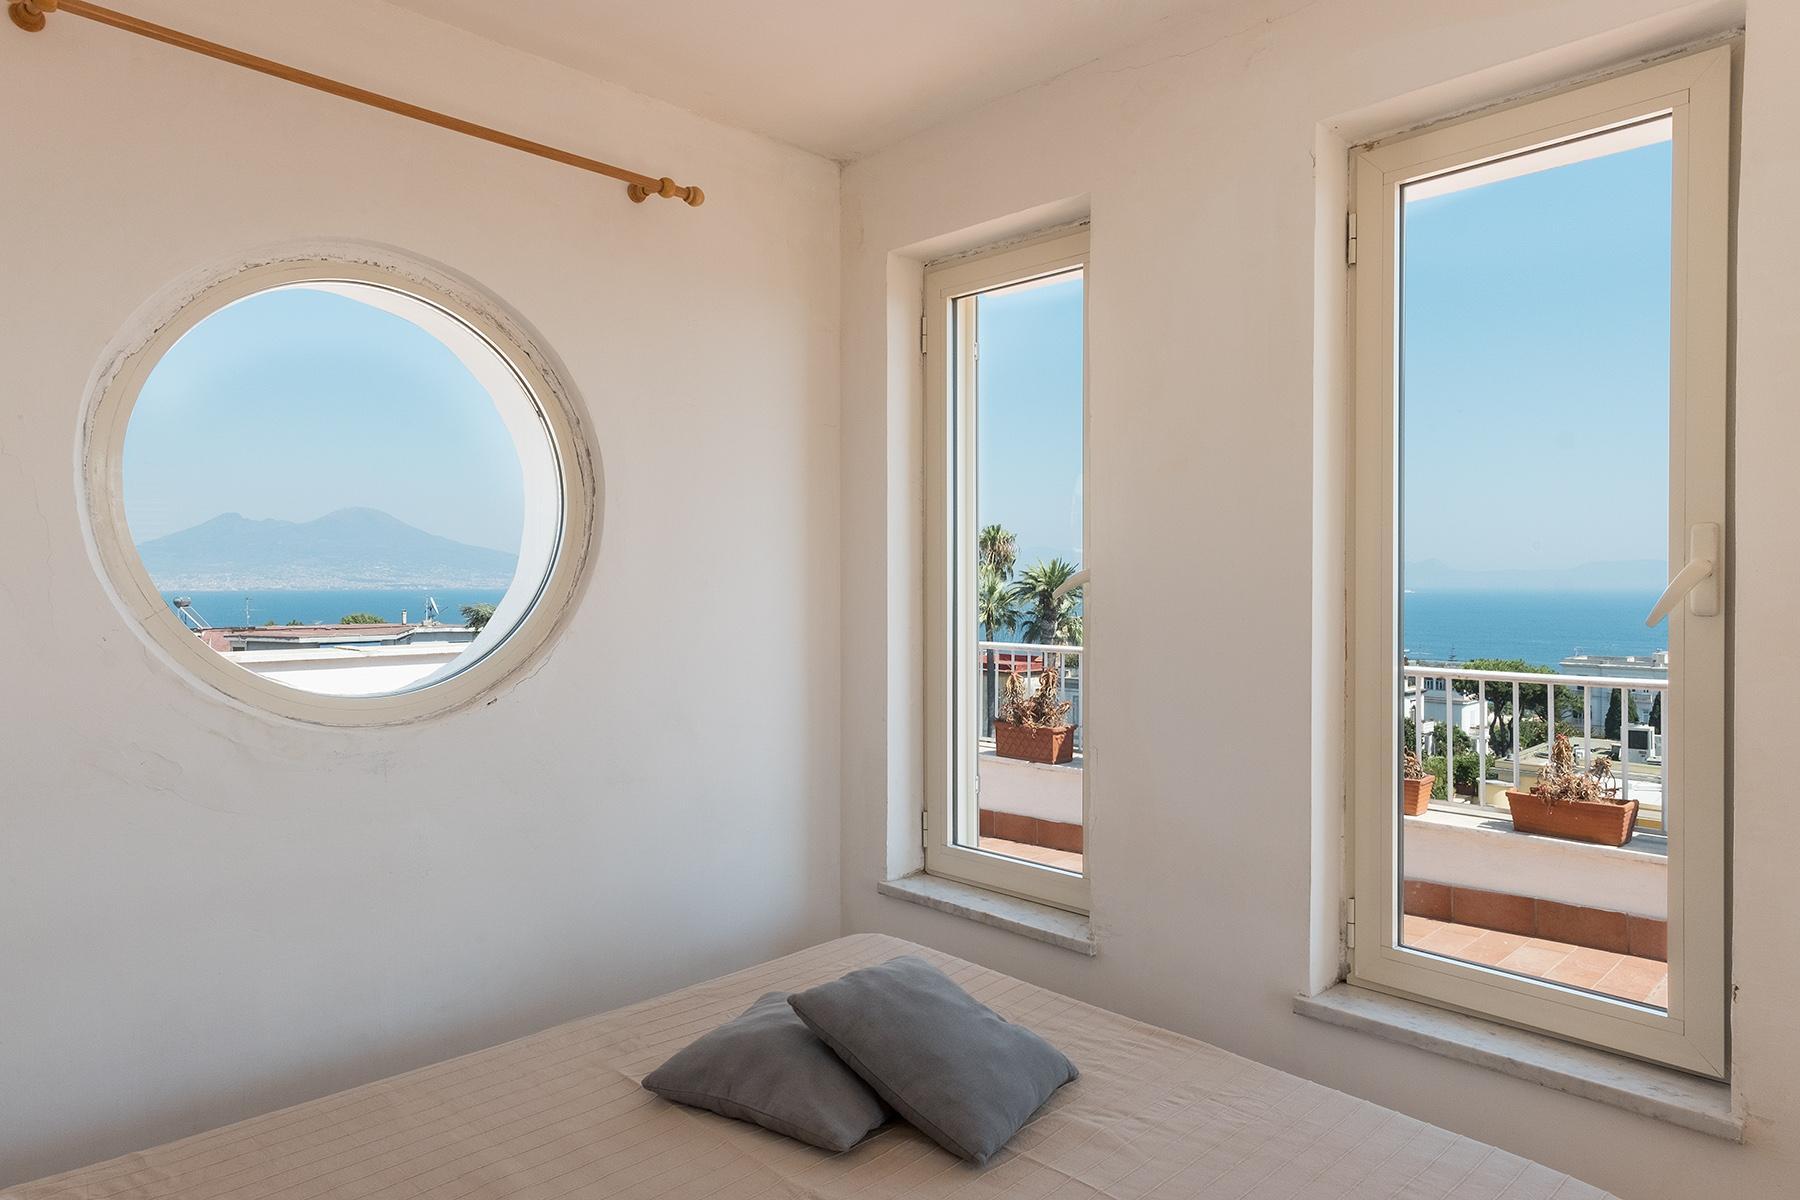 Замечательная вилла с панорамным видом на море в Неаполе, Италия - 14